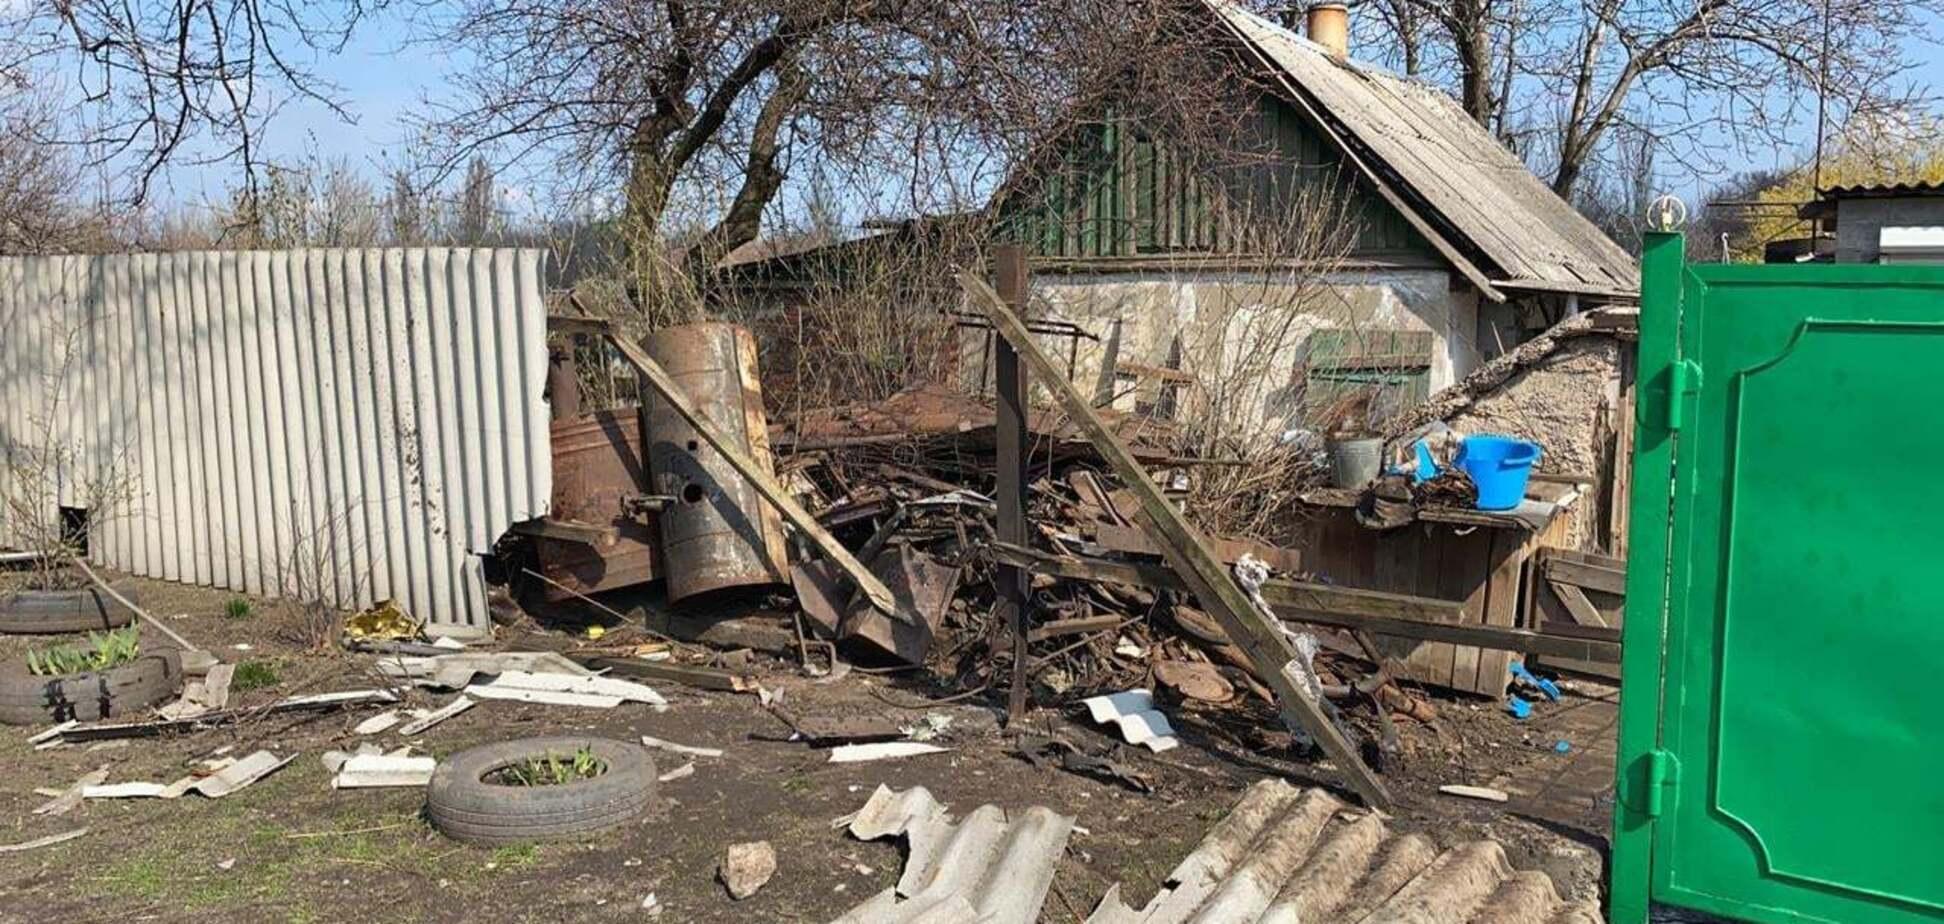 22 апреля российско-оккупационные войска на востоке Украины обстреляли ракетами двор в поселке Дружба